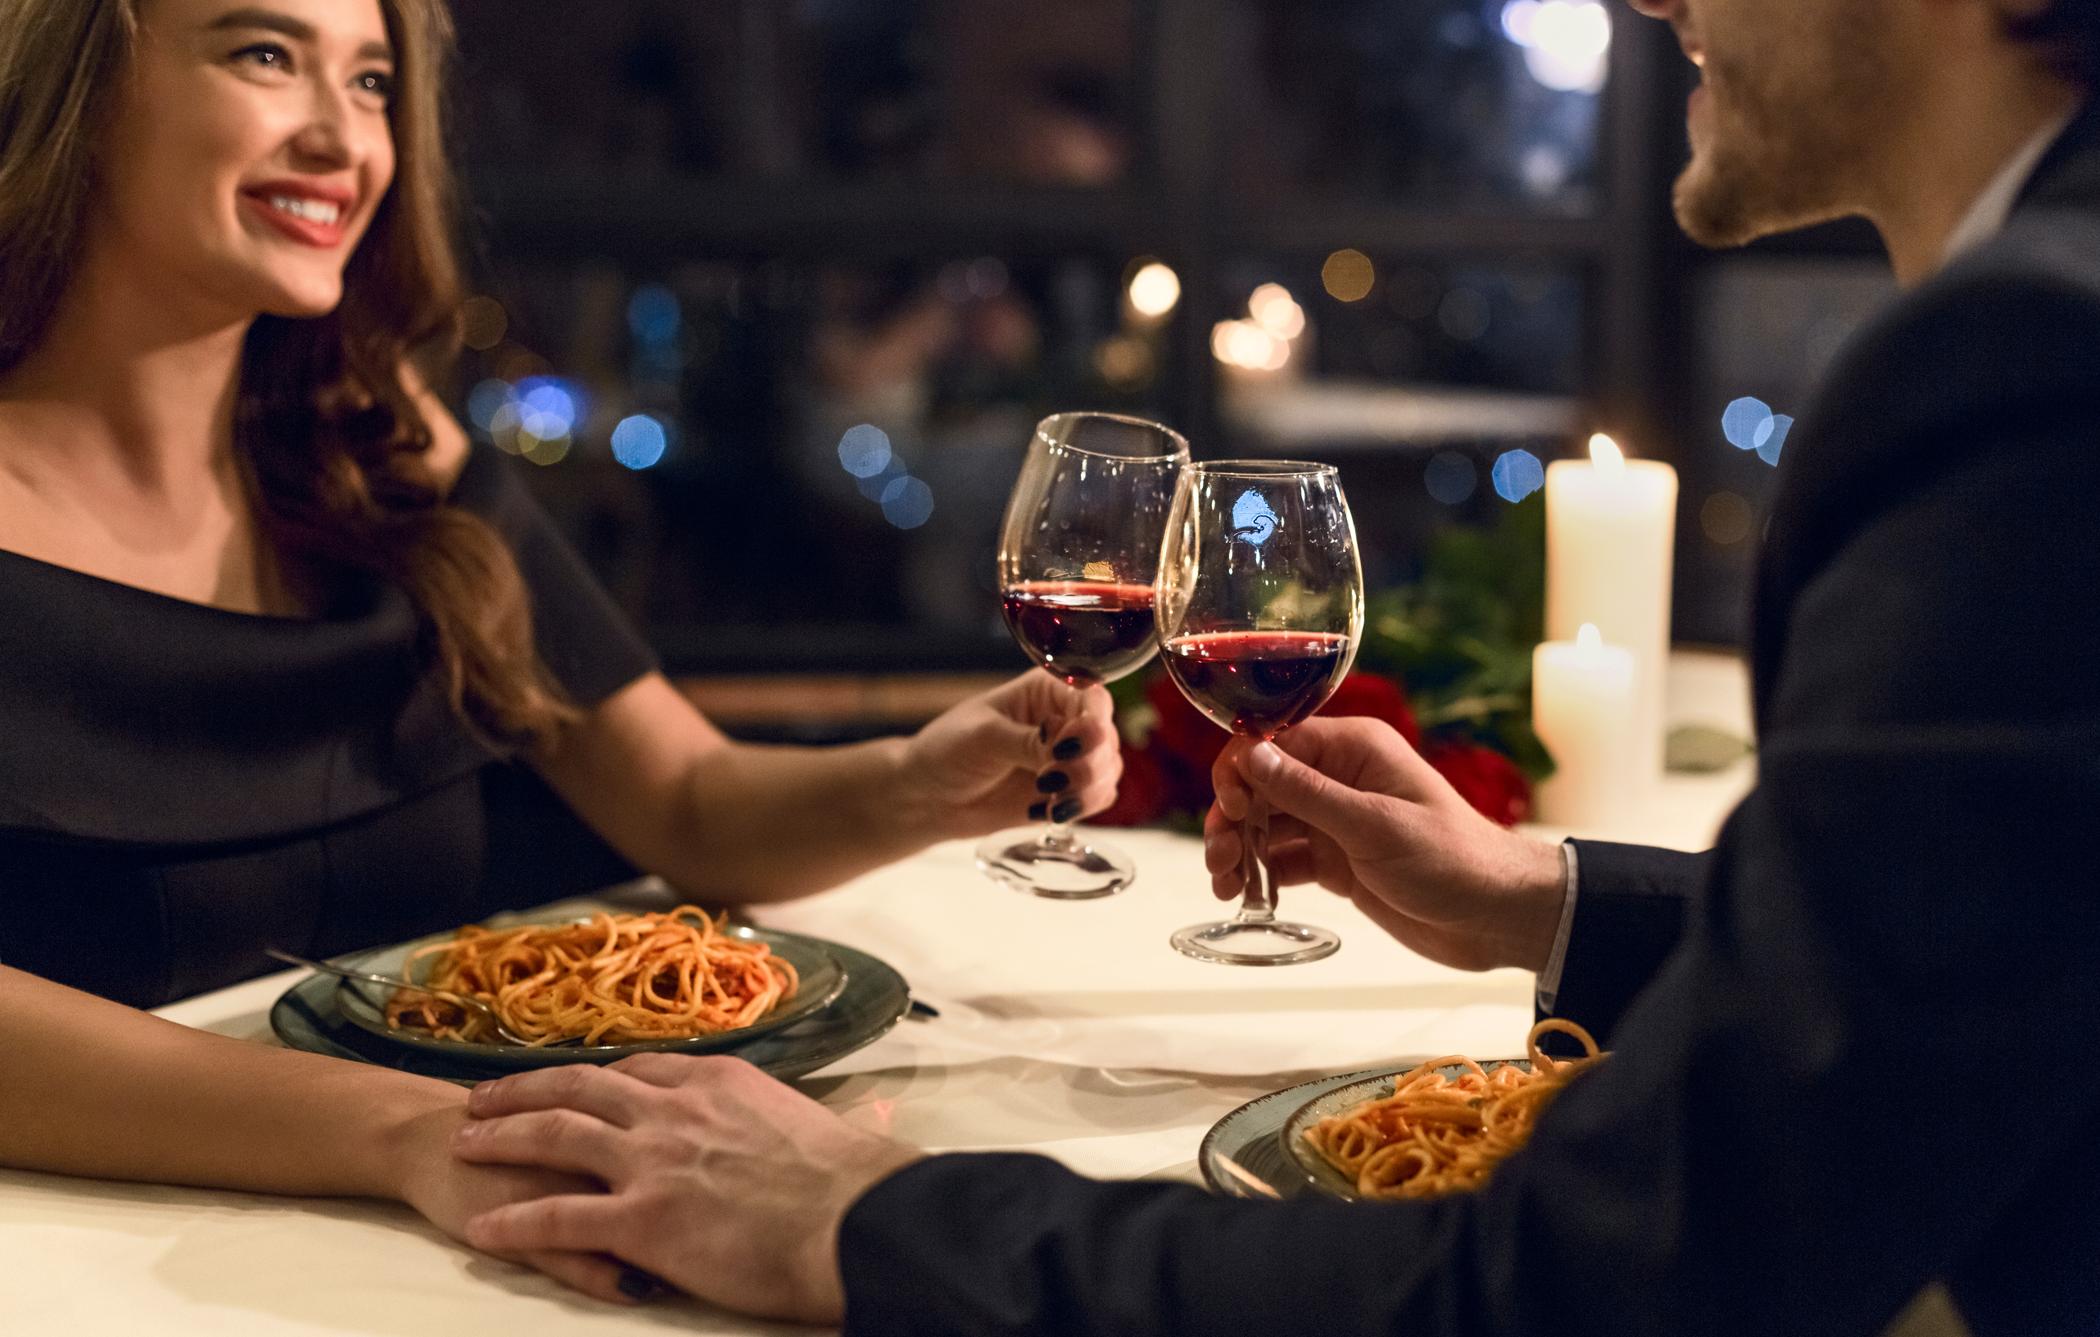 erlebnisrestaurant-karlsruhe-bg1